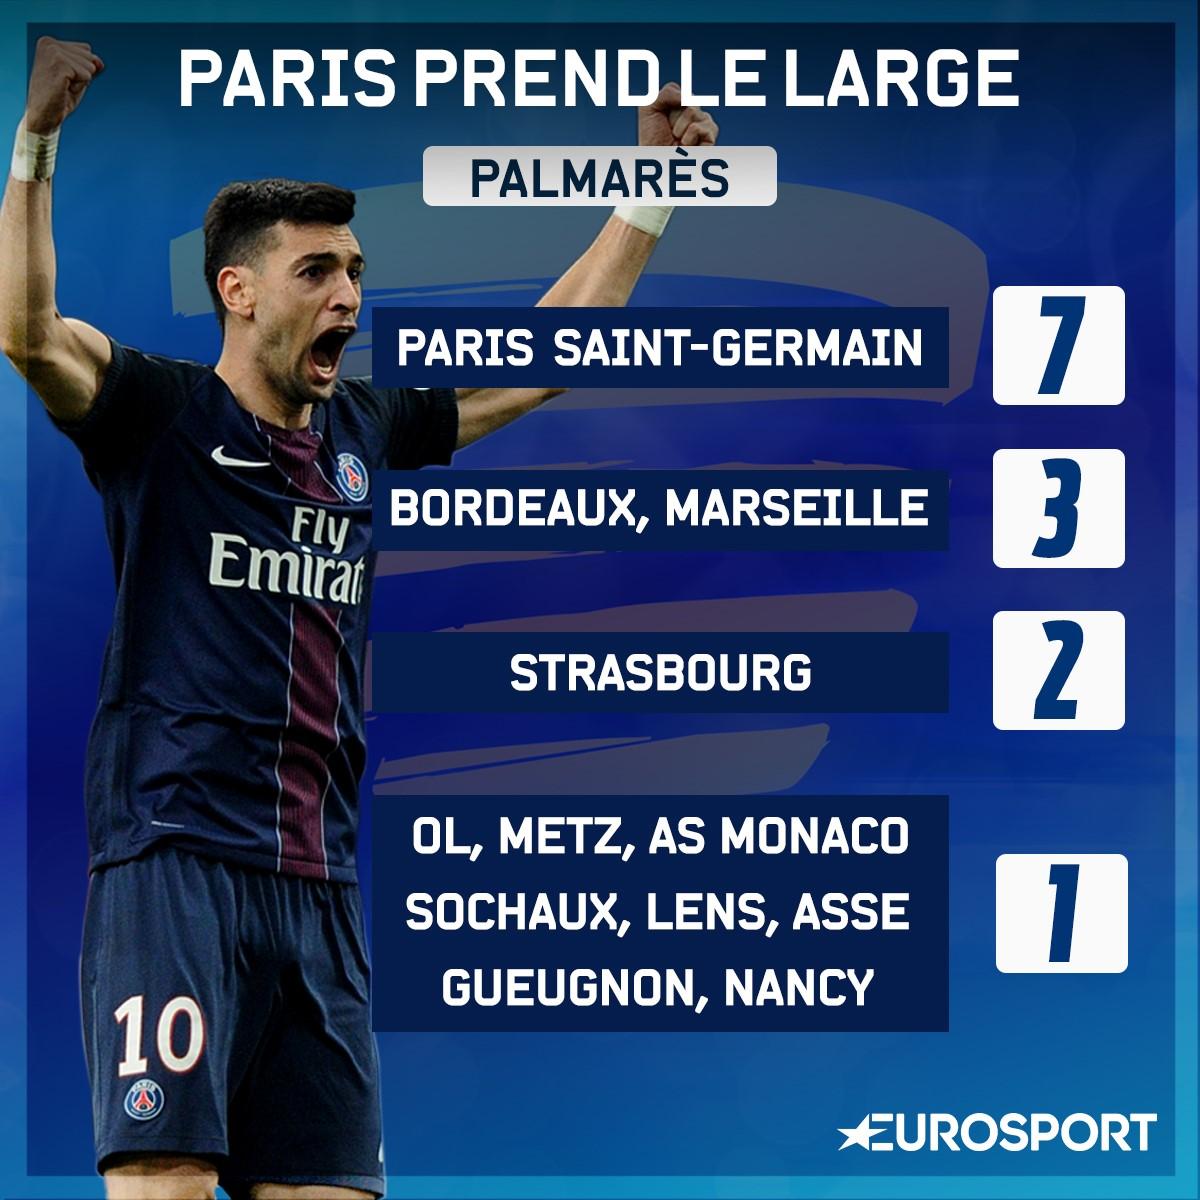 Le palmarès de la Coupe de Ligue